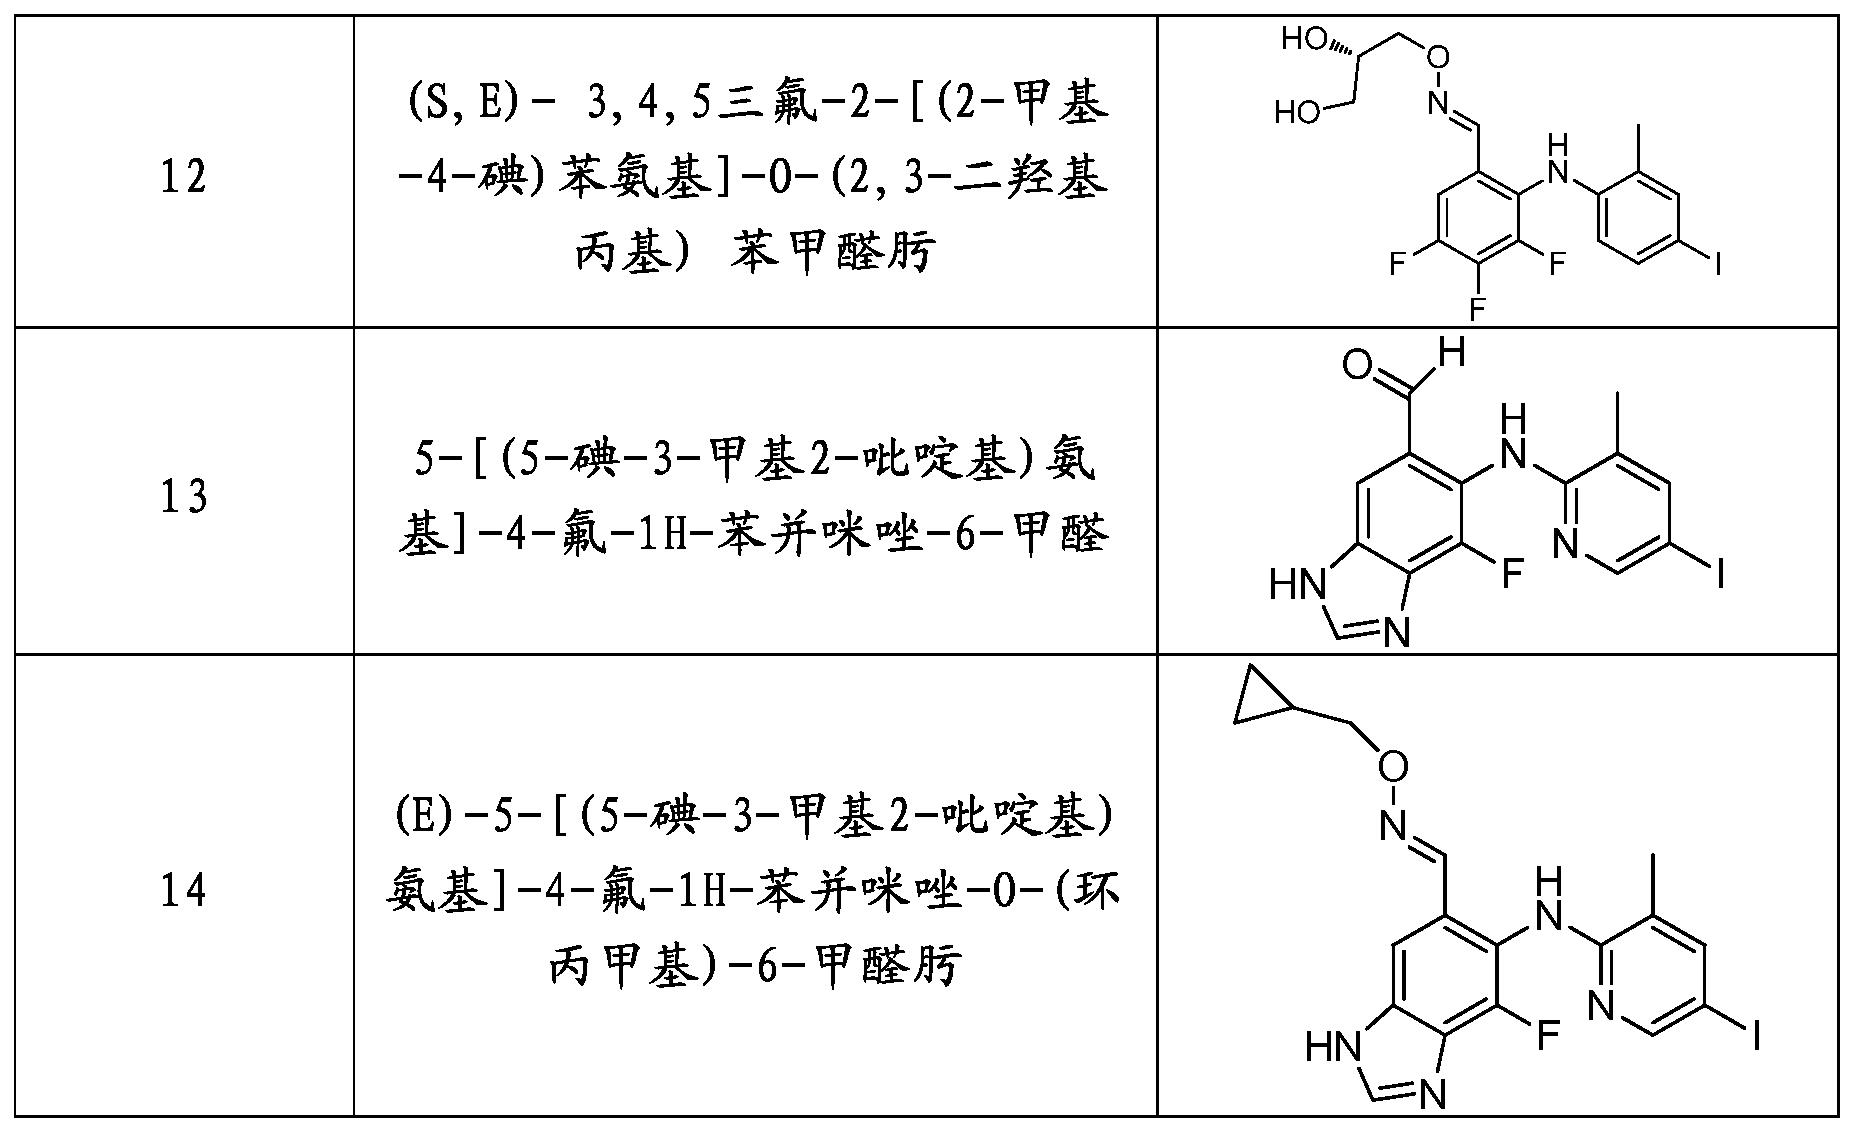 表   : 具体化合物的名称和结构式;; 专利wo2012122891a1 - 含肟类的